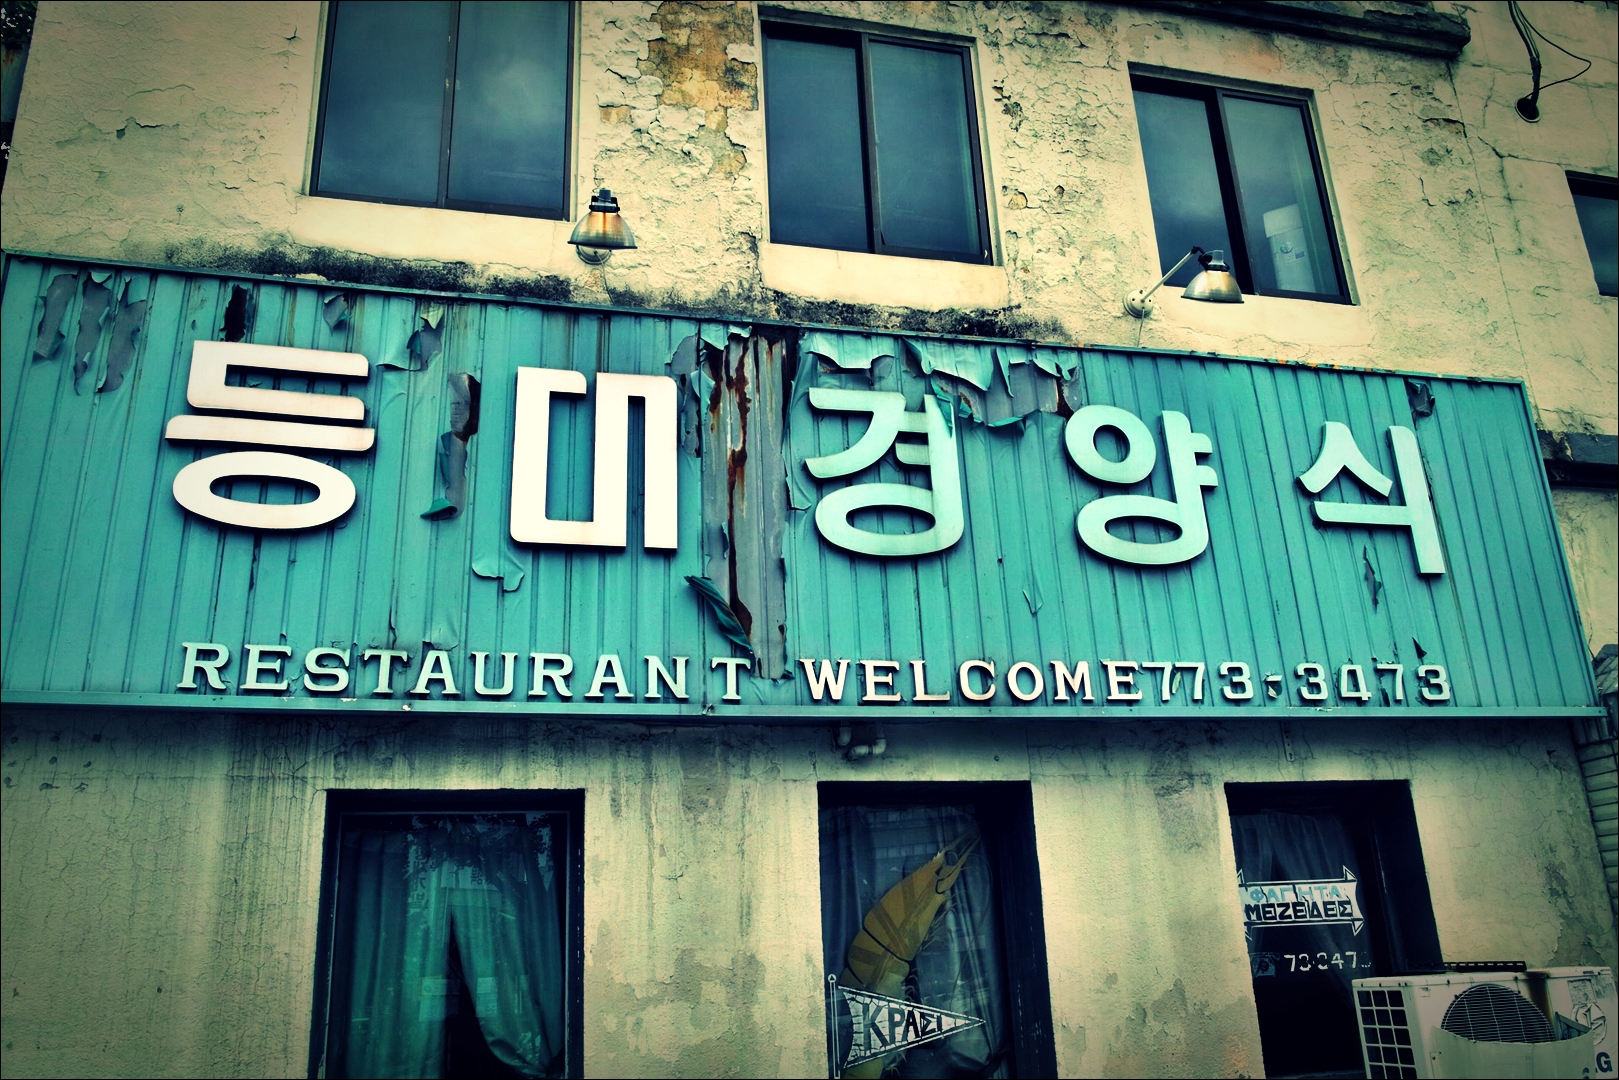 간판-'신포동 등대 경양식 lighthouse restaurant incheon'